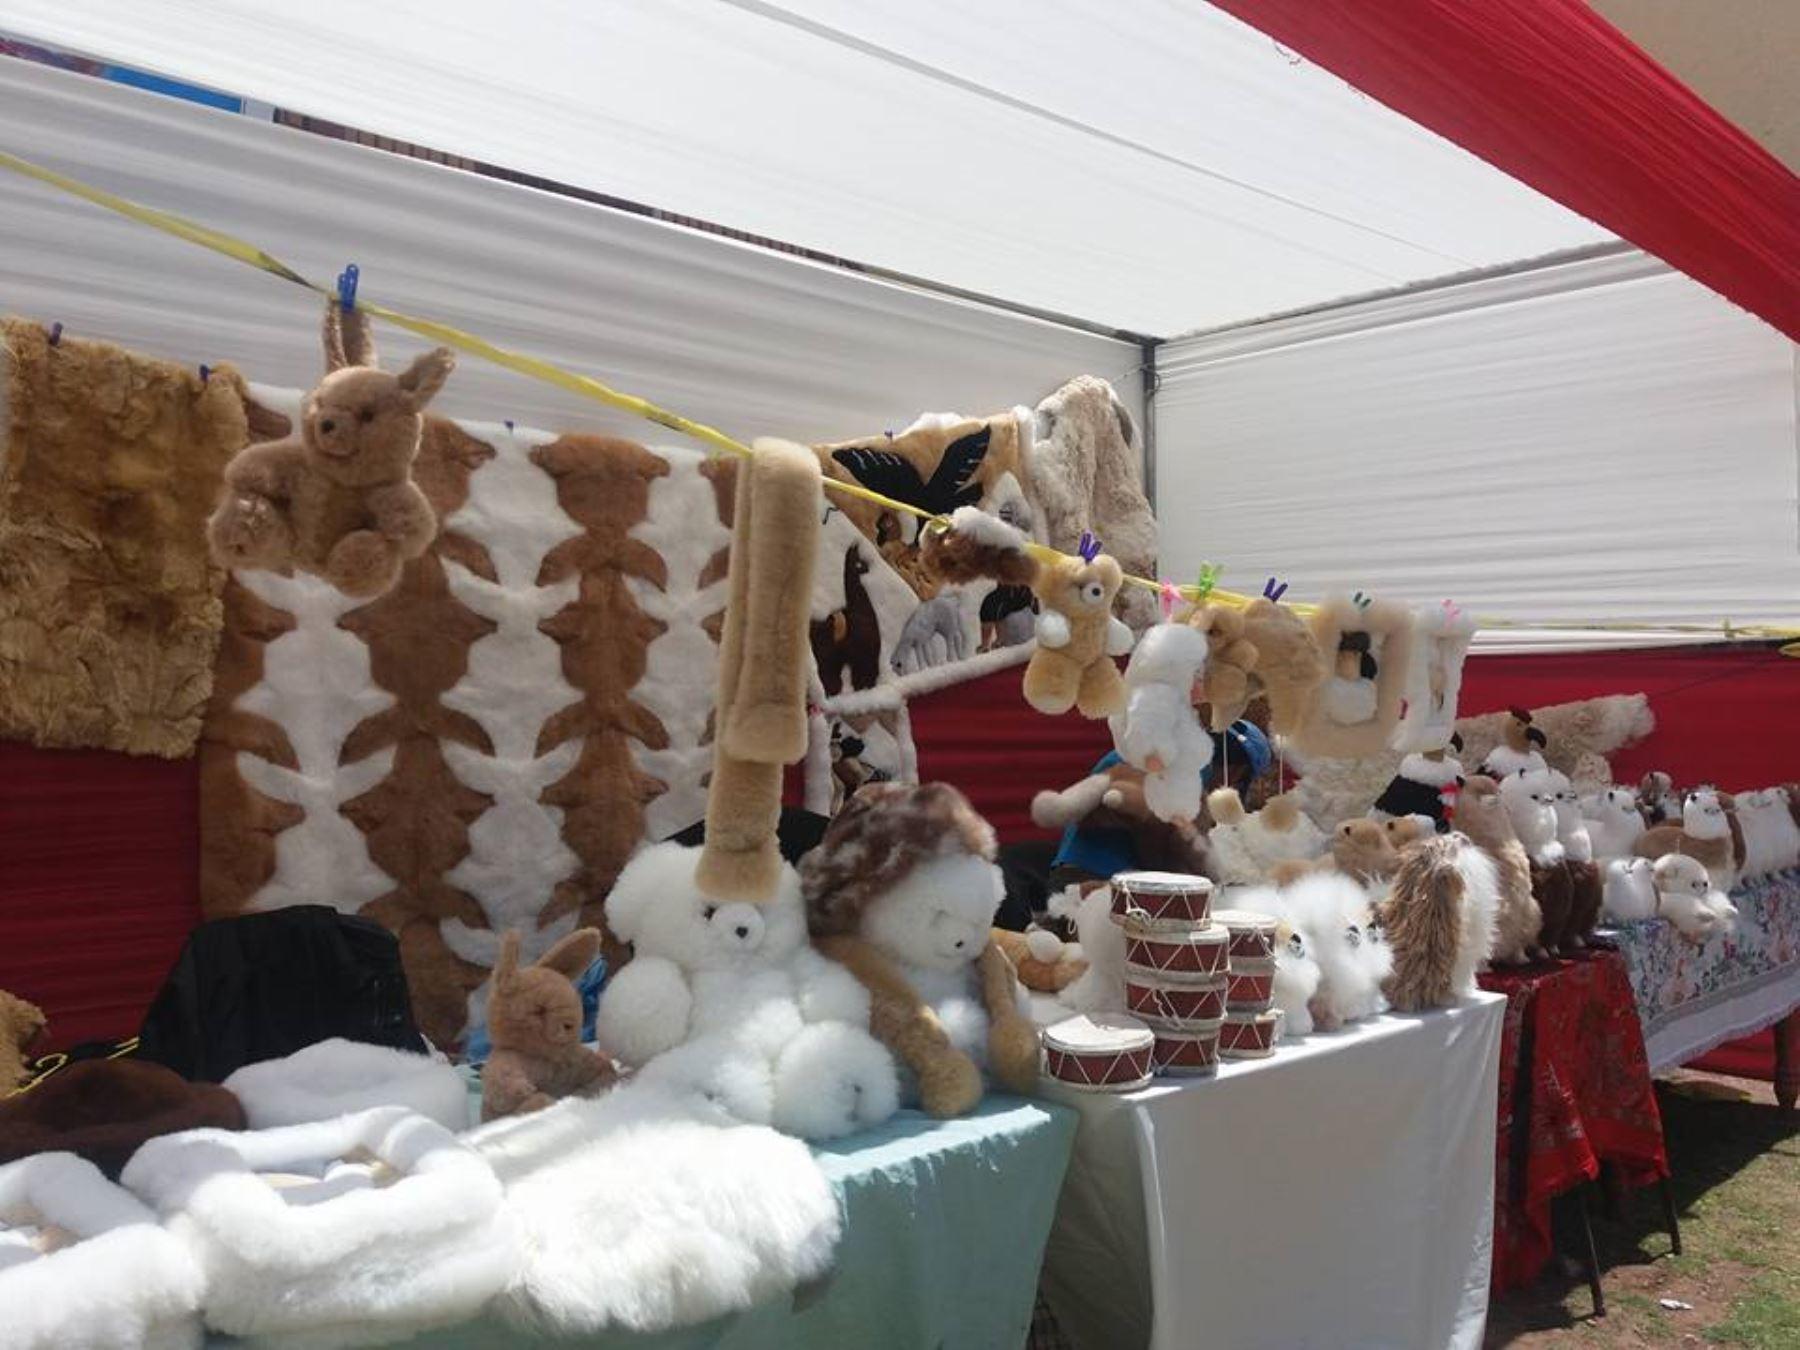 Artesanos en peletería de Cusco buscan ingresar al mercado internacional. ANDINA/Percy Hurtado